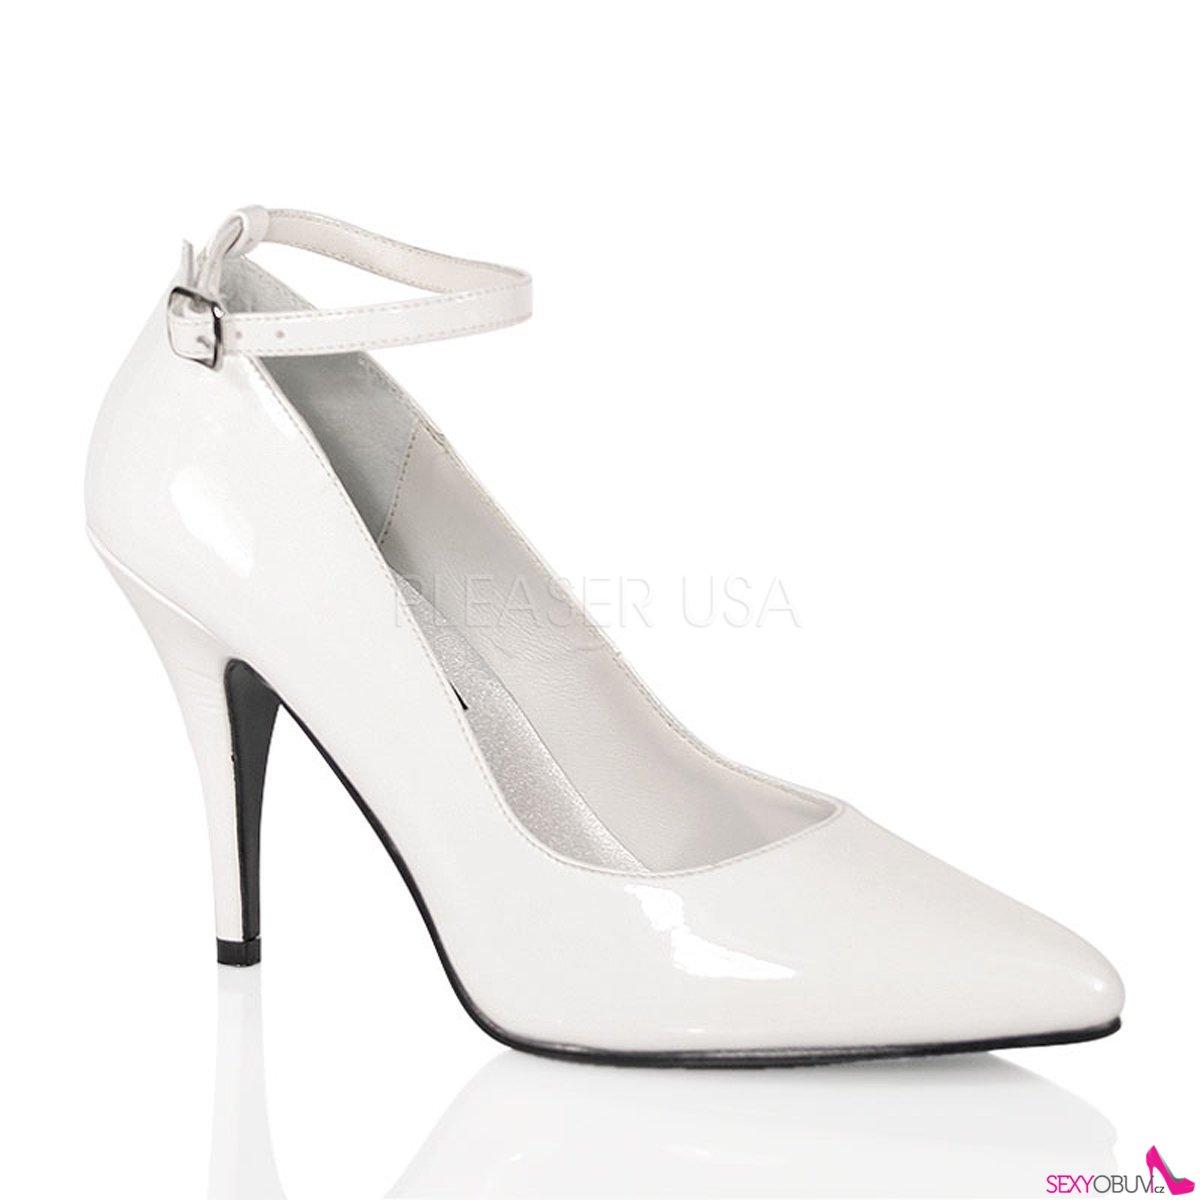 VANITY-431 Bílé dámské lodičky na podpatku e8d5b0d075